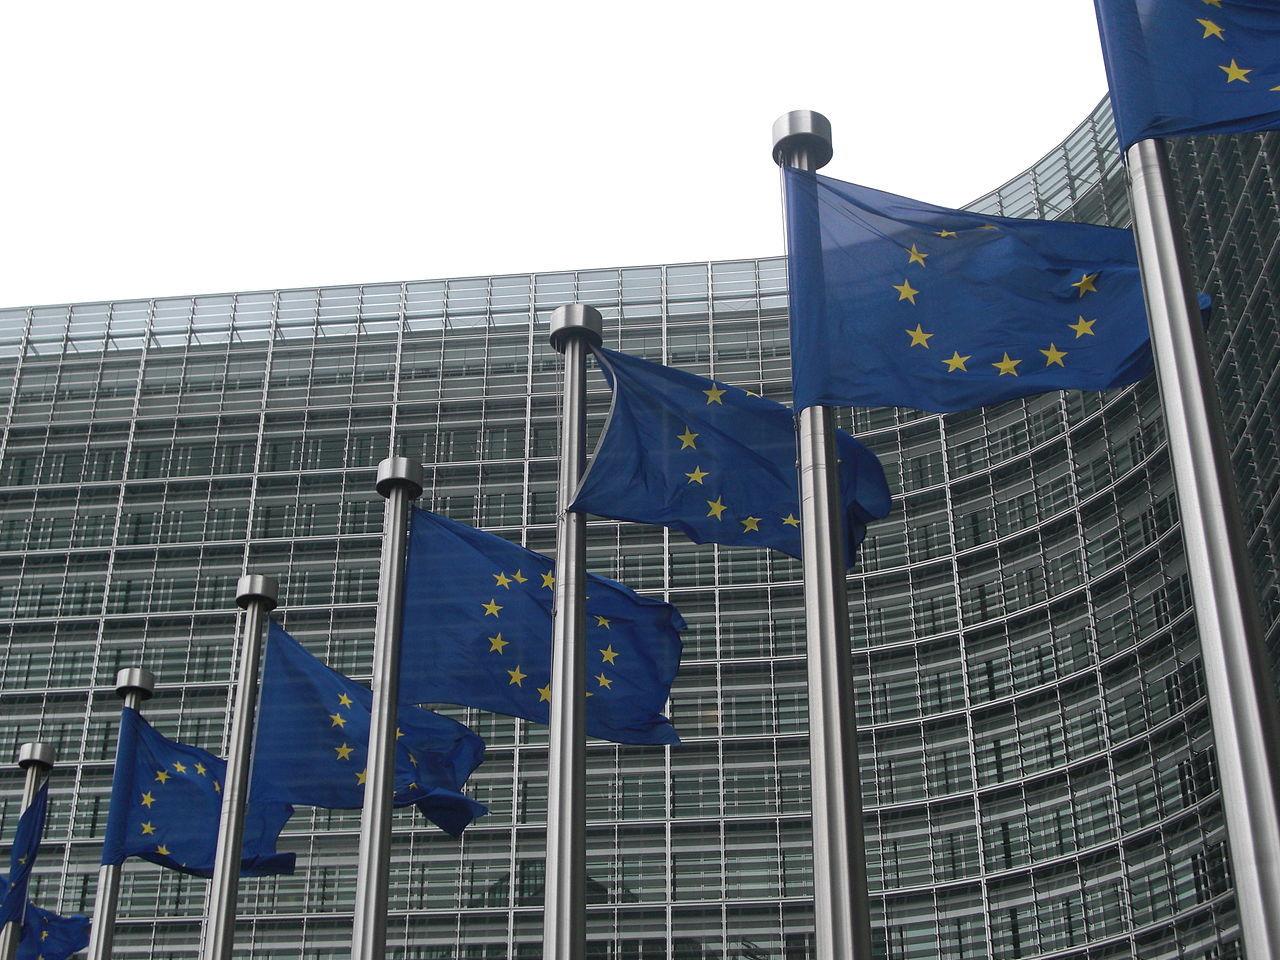 EU ska dra igång råd för etisk utveckling av artificiell intelligens